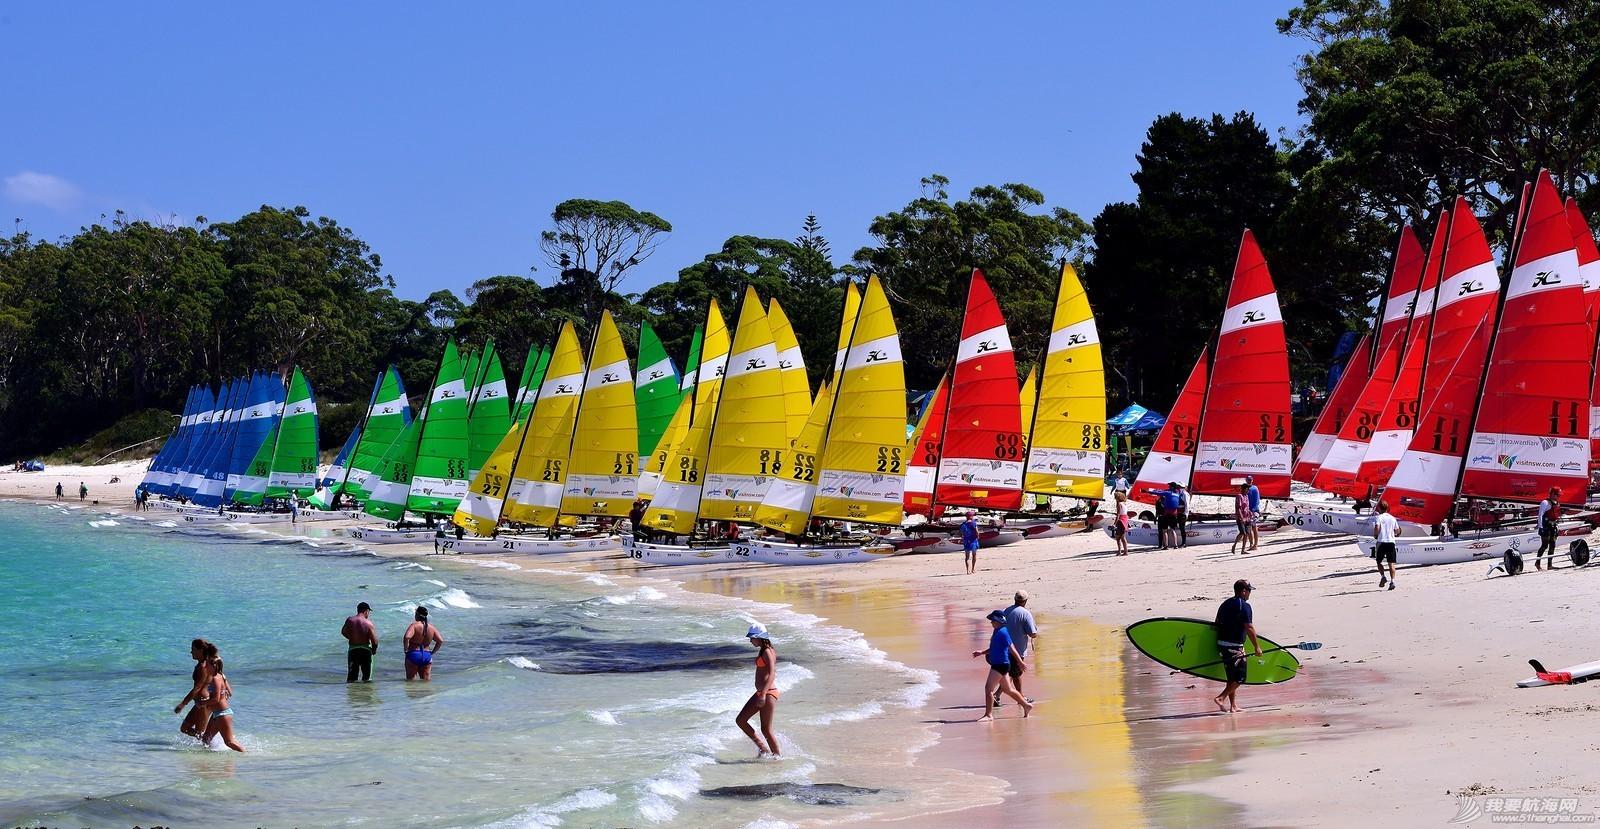 锦标赛,帆船 第21届Hobie16世界帆船锦标赛 20160315015225kU.jpg